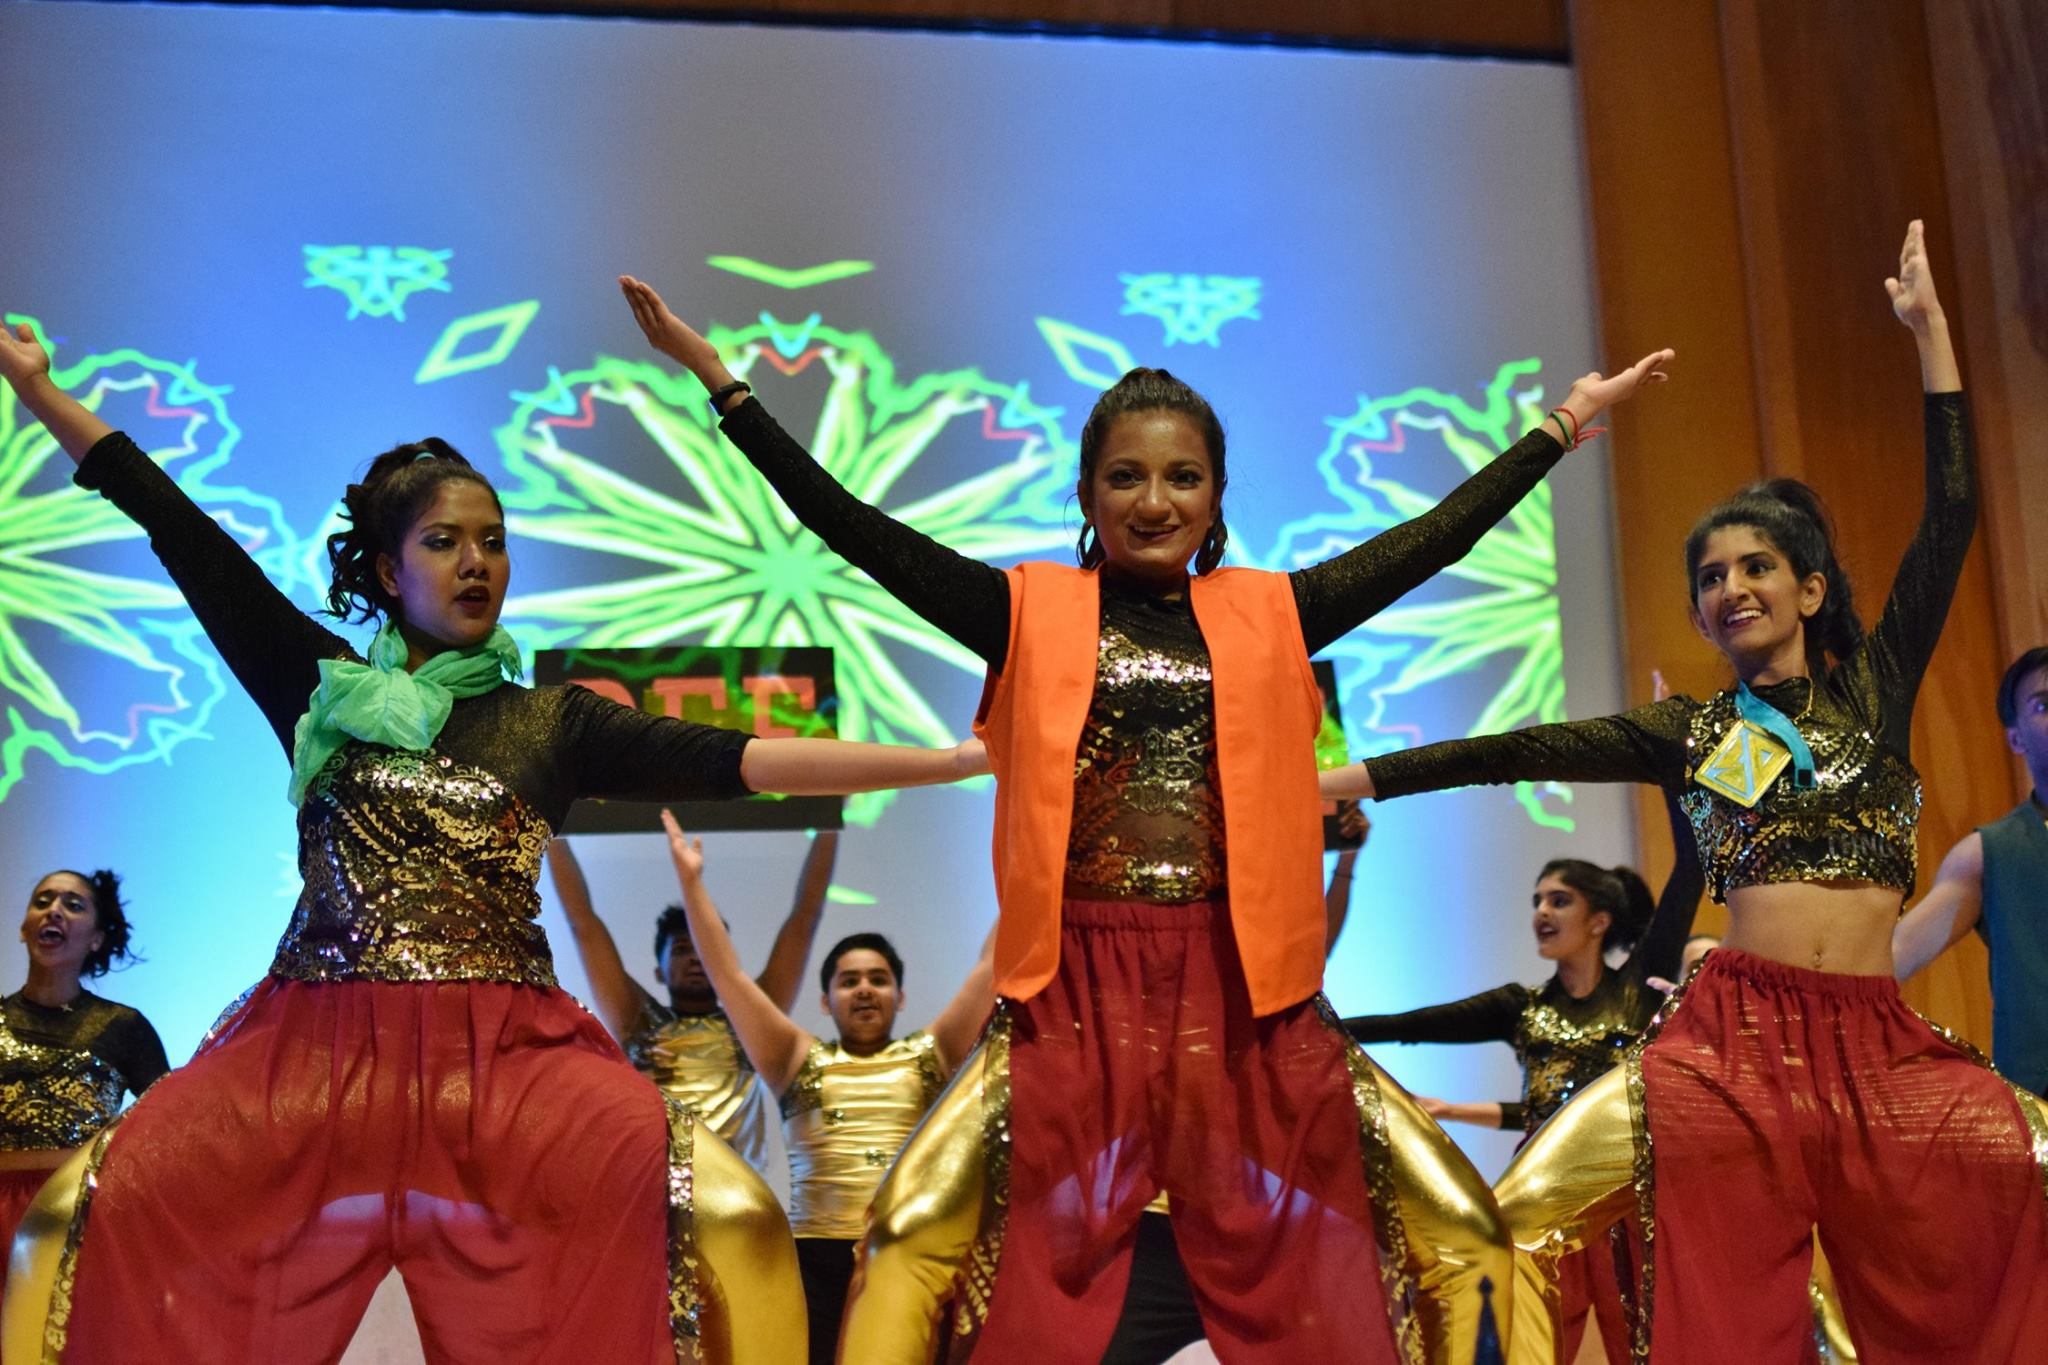 舞者在排灯节庆祝活动中表演。